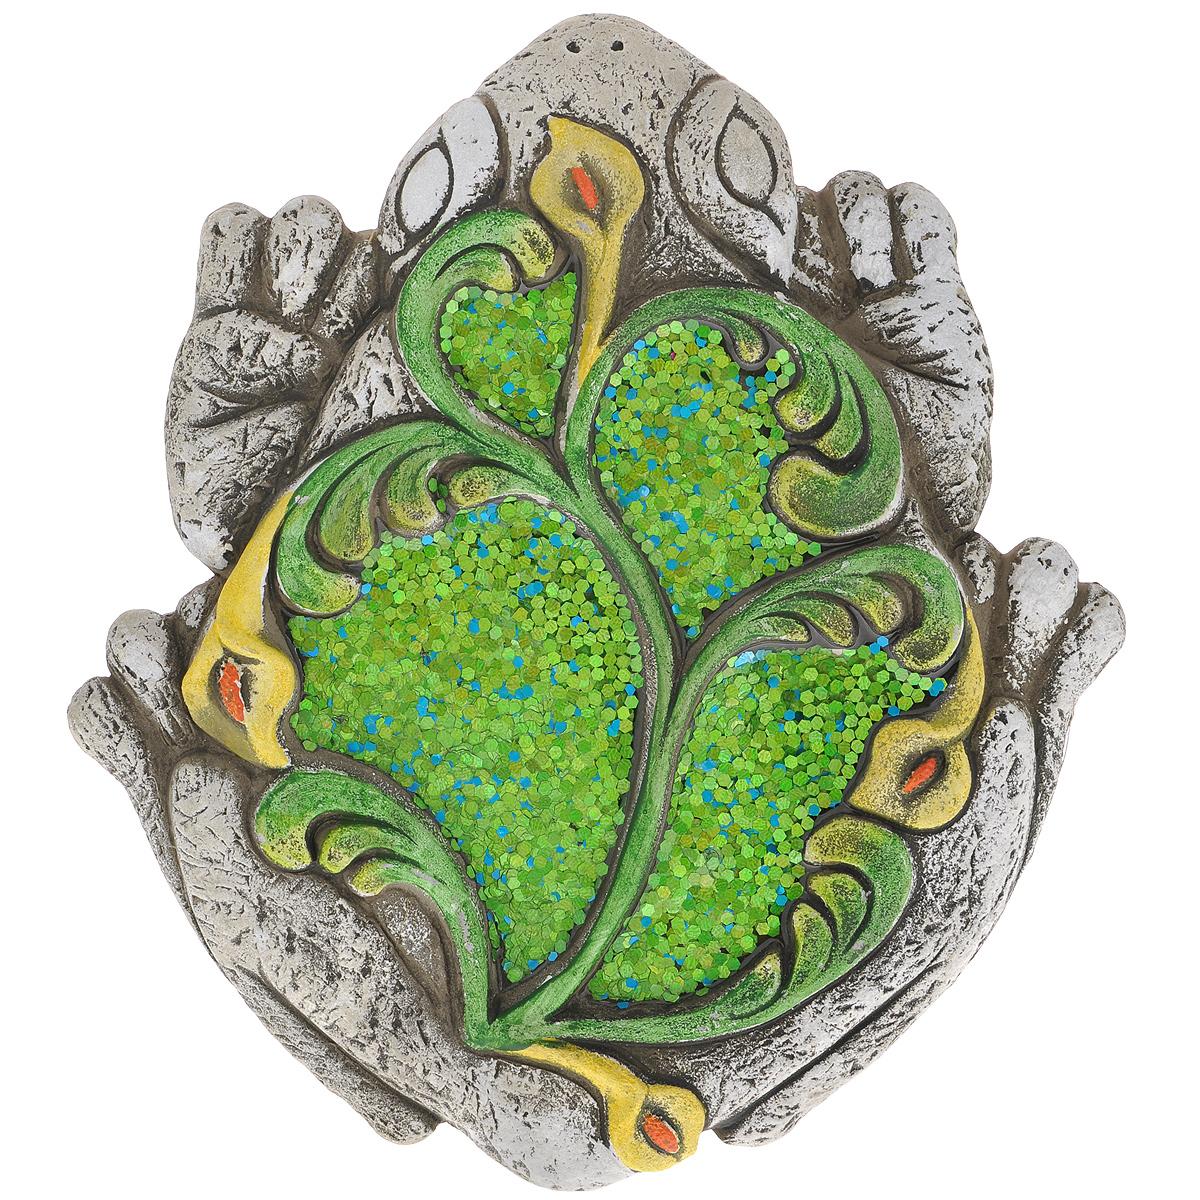 Декоративная фигурка Лягушка, 27 см х 30 см х 2,5 см28330Декоративная фигурка Лягушка прекрасно подойдет для украшения интерьера дома. Изделие выполнено из цемента в виде лягушки и имеет шероховатую поверхность. Спинка лягушки декорирована сине-зелеными блестками, покрытыми эмалью, и рельефом в виде желтых цветов. Изящная фигурка станет прекрасным подарком, который обязательно порадует получателя.